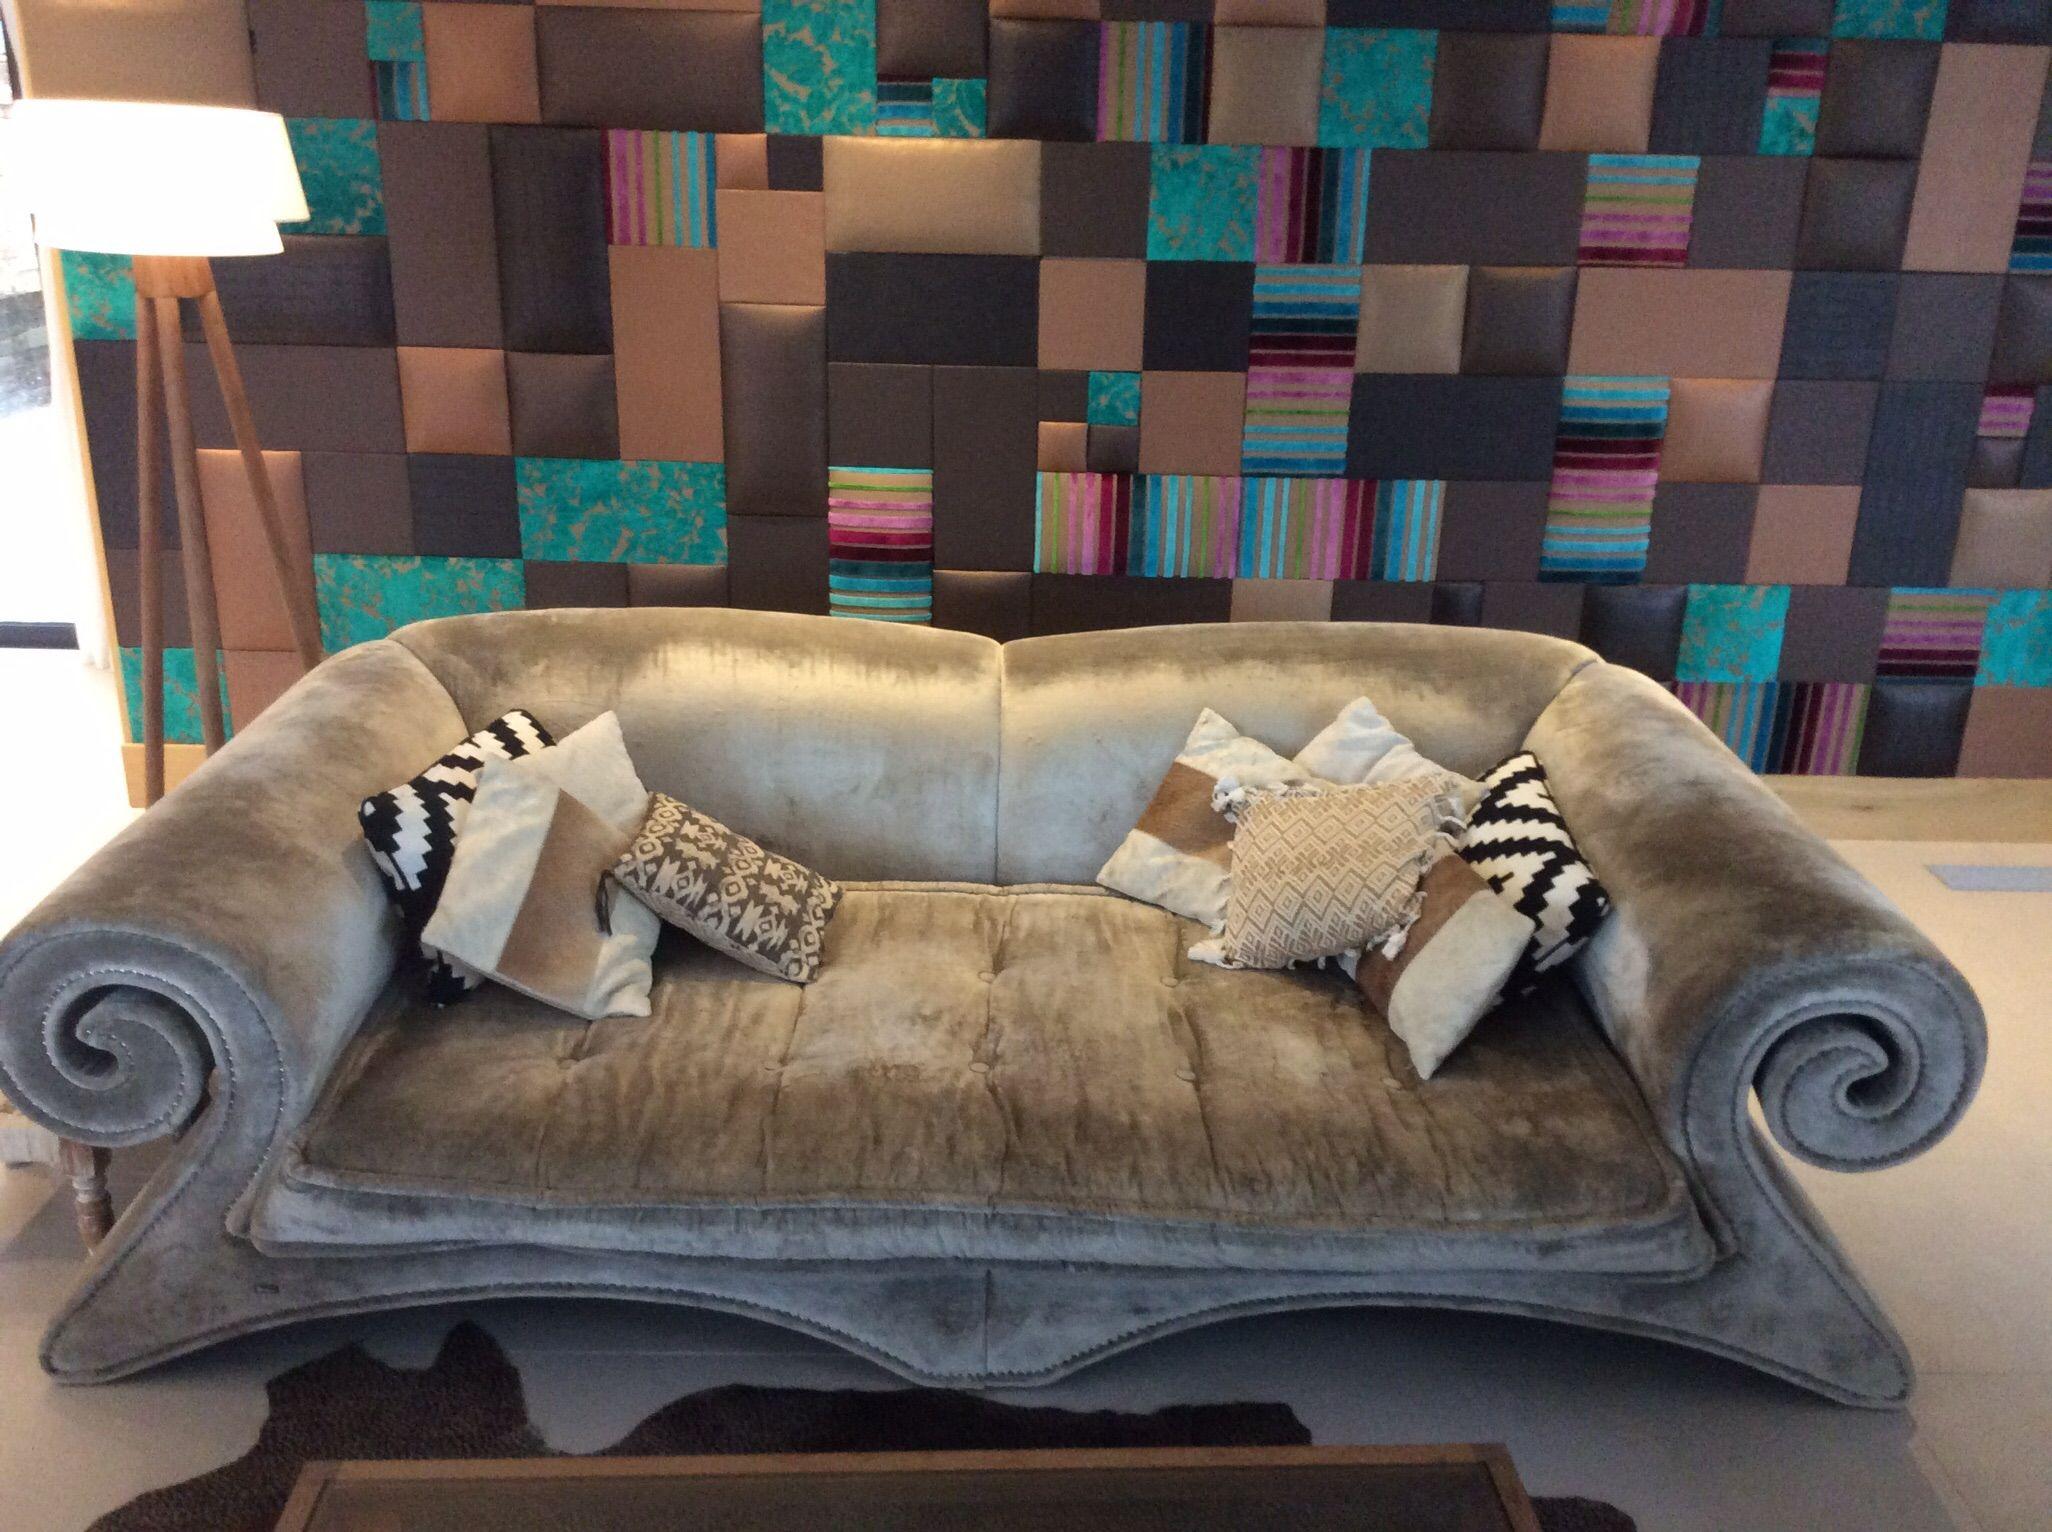 meubles occasion puget sur argens 83 annonces achat et vente de meubles paruvendu mondebarras. Black Bedroom Furniture Sets. Home Design Ideas